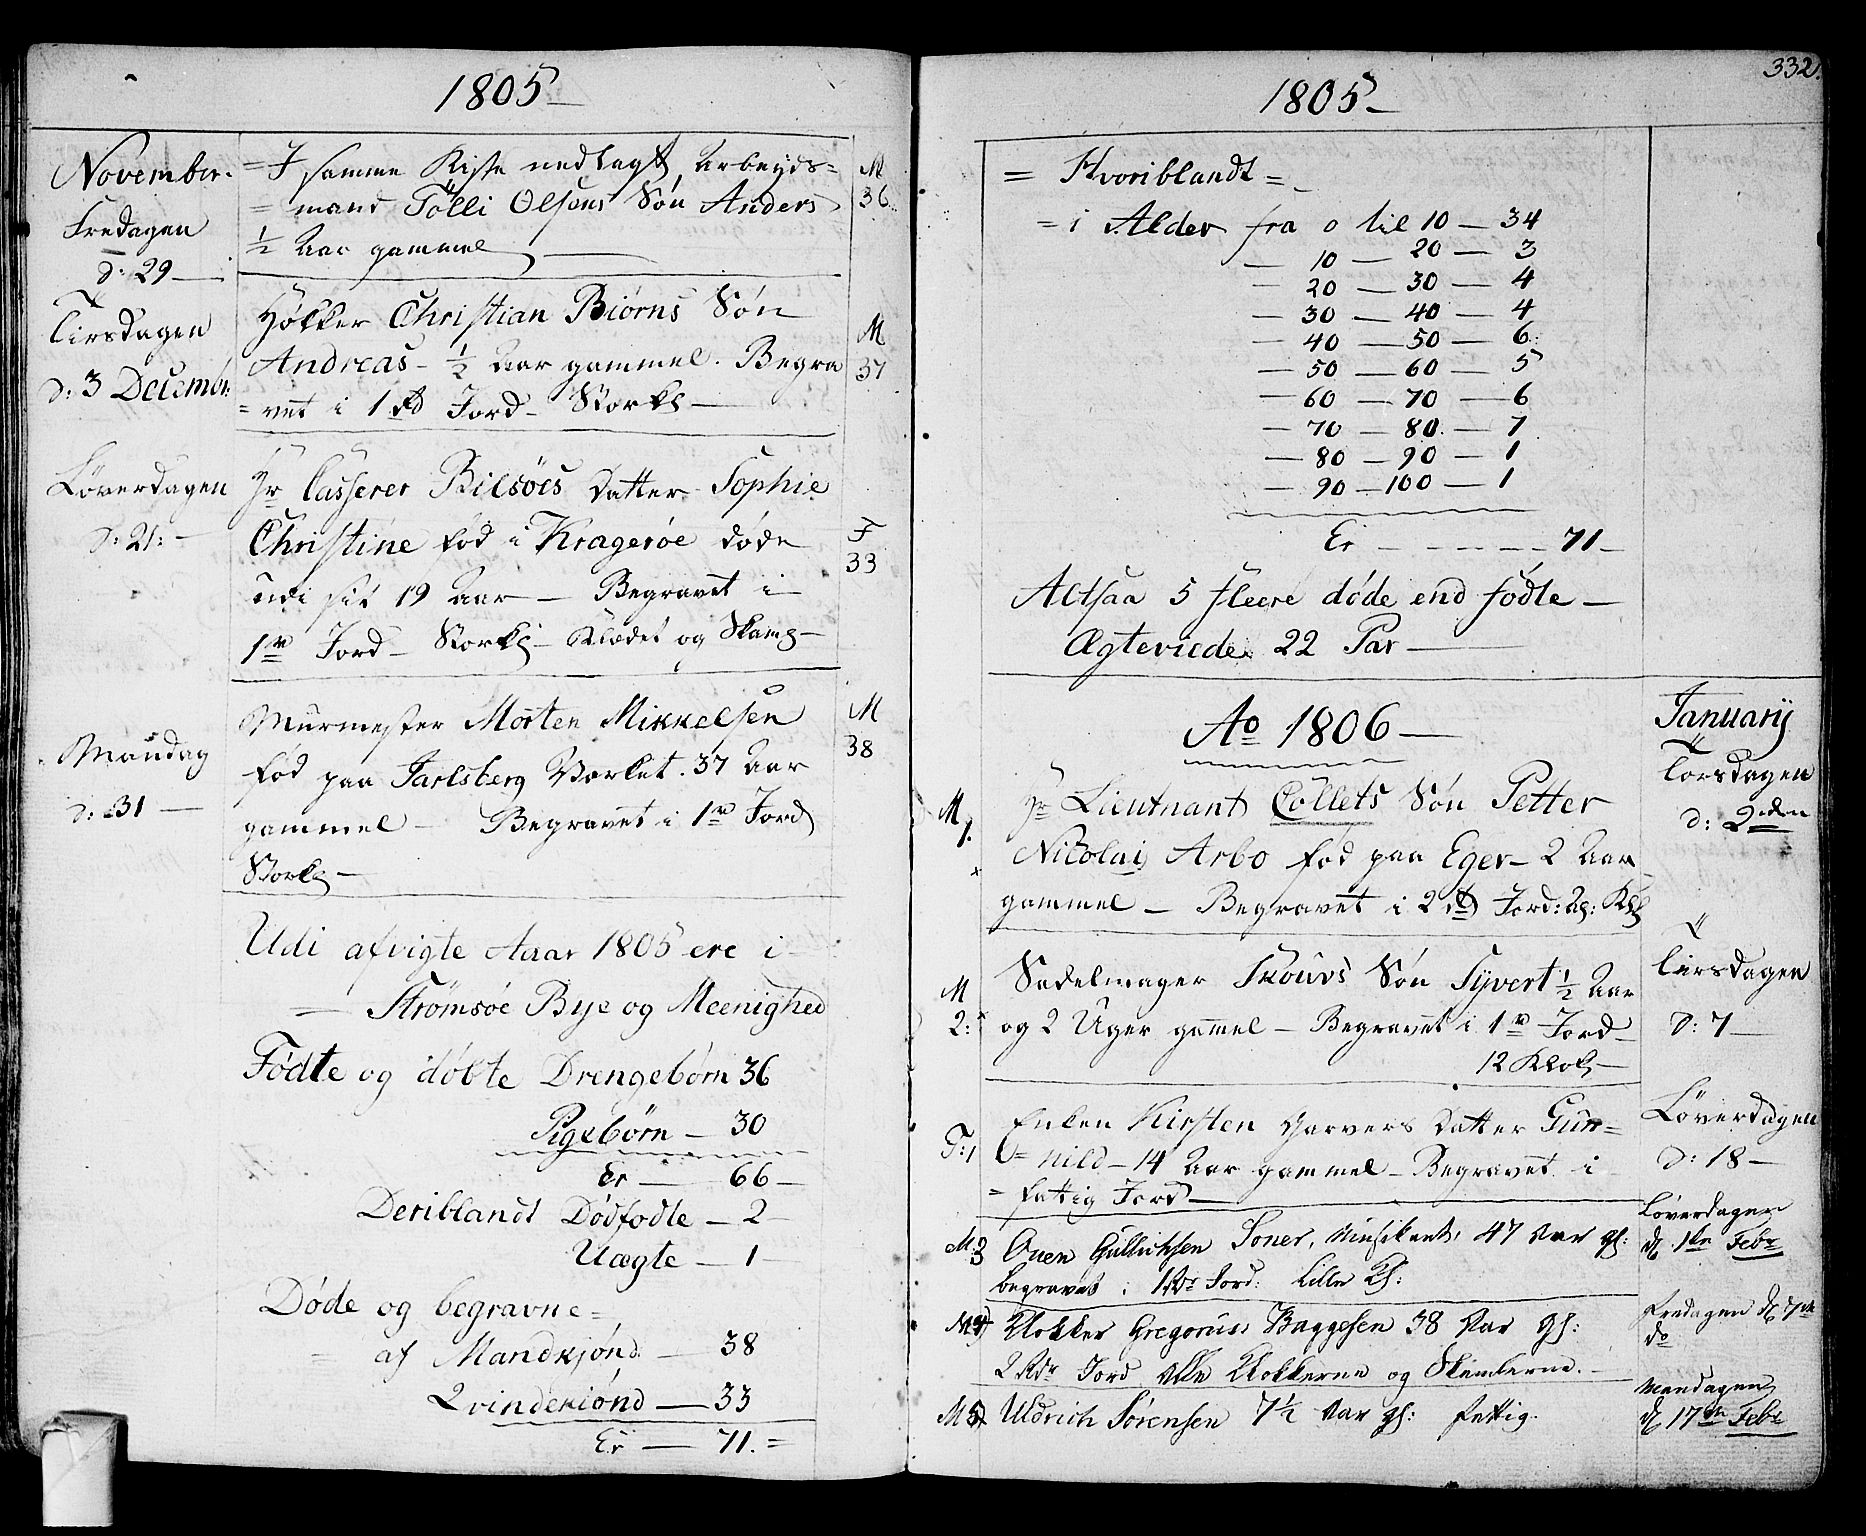 SAKO, Strømsø kirkebøker, F/Fa/L0010: Ministerialbok nr. I 10, 1792-1822, s. 332